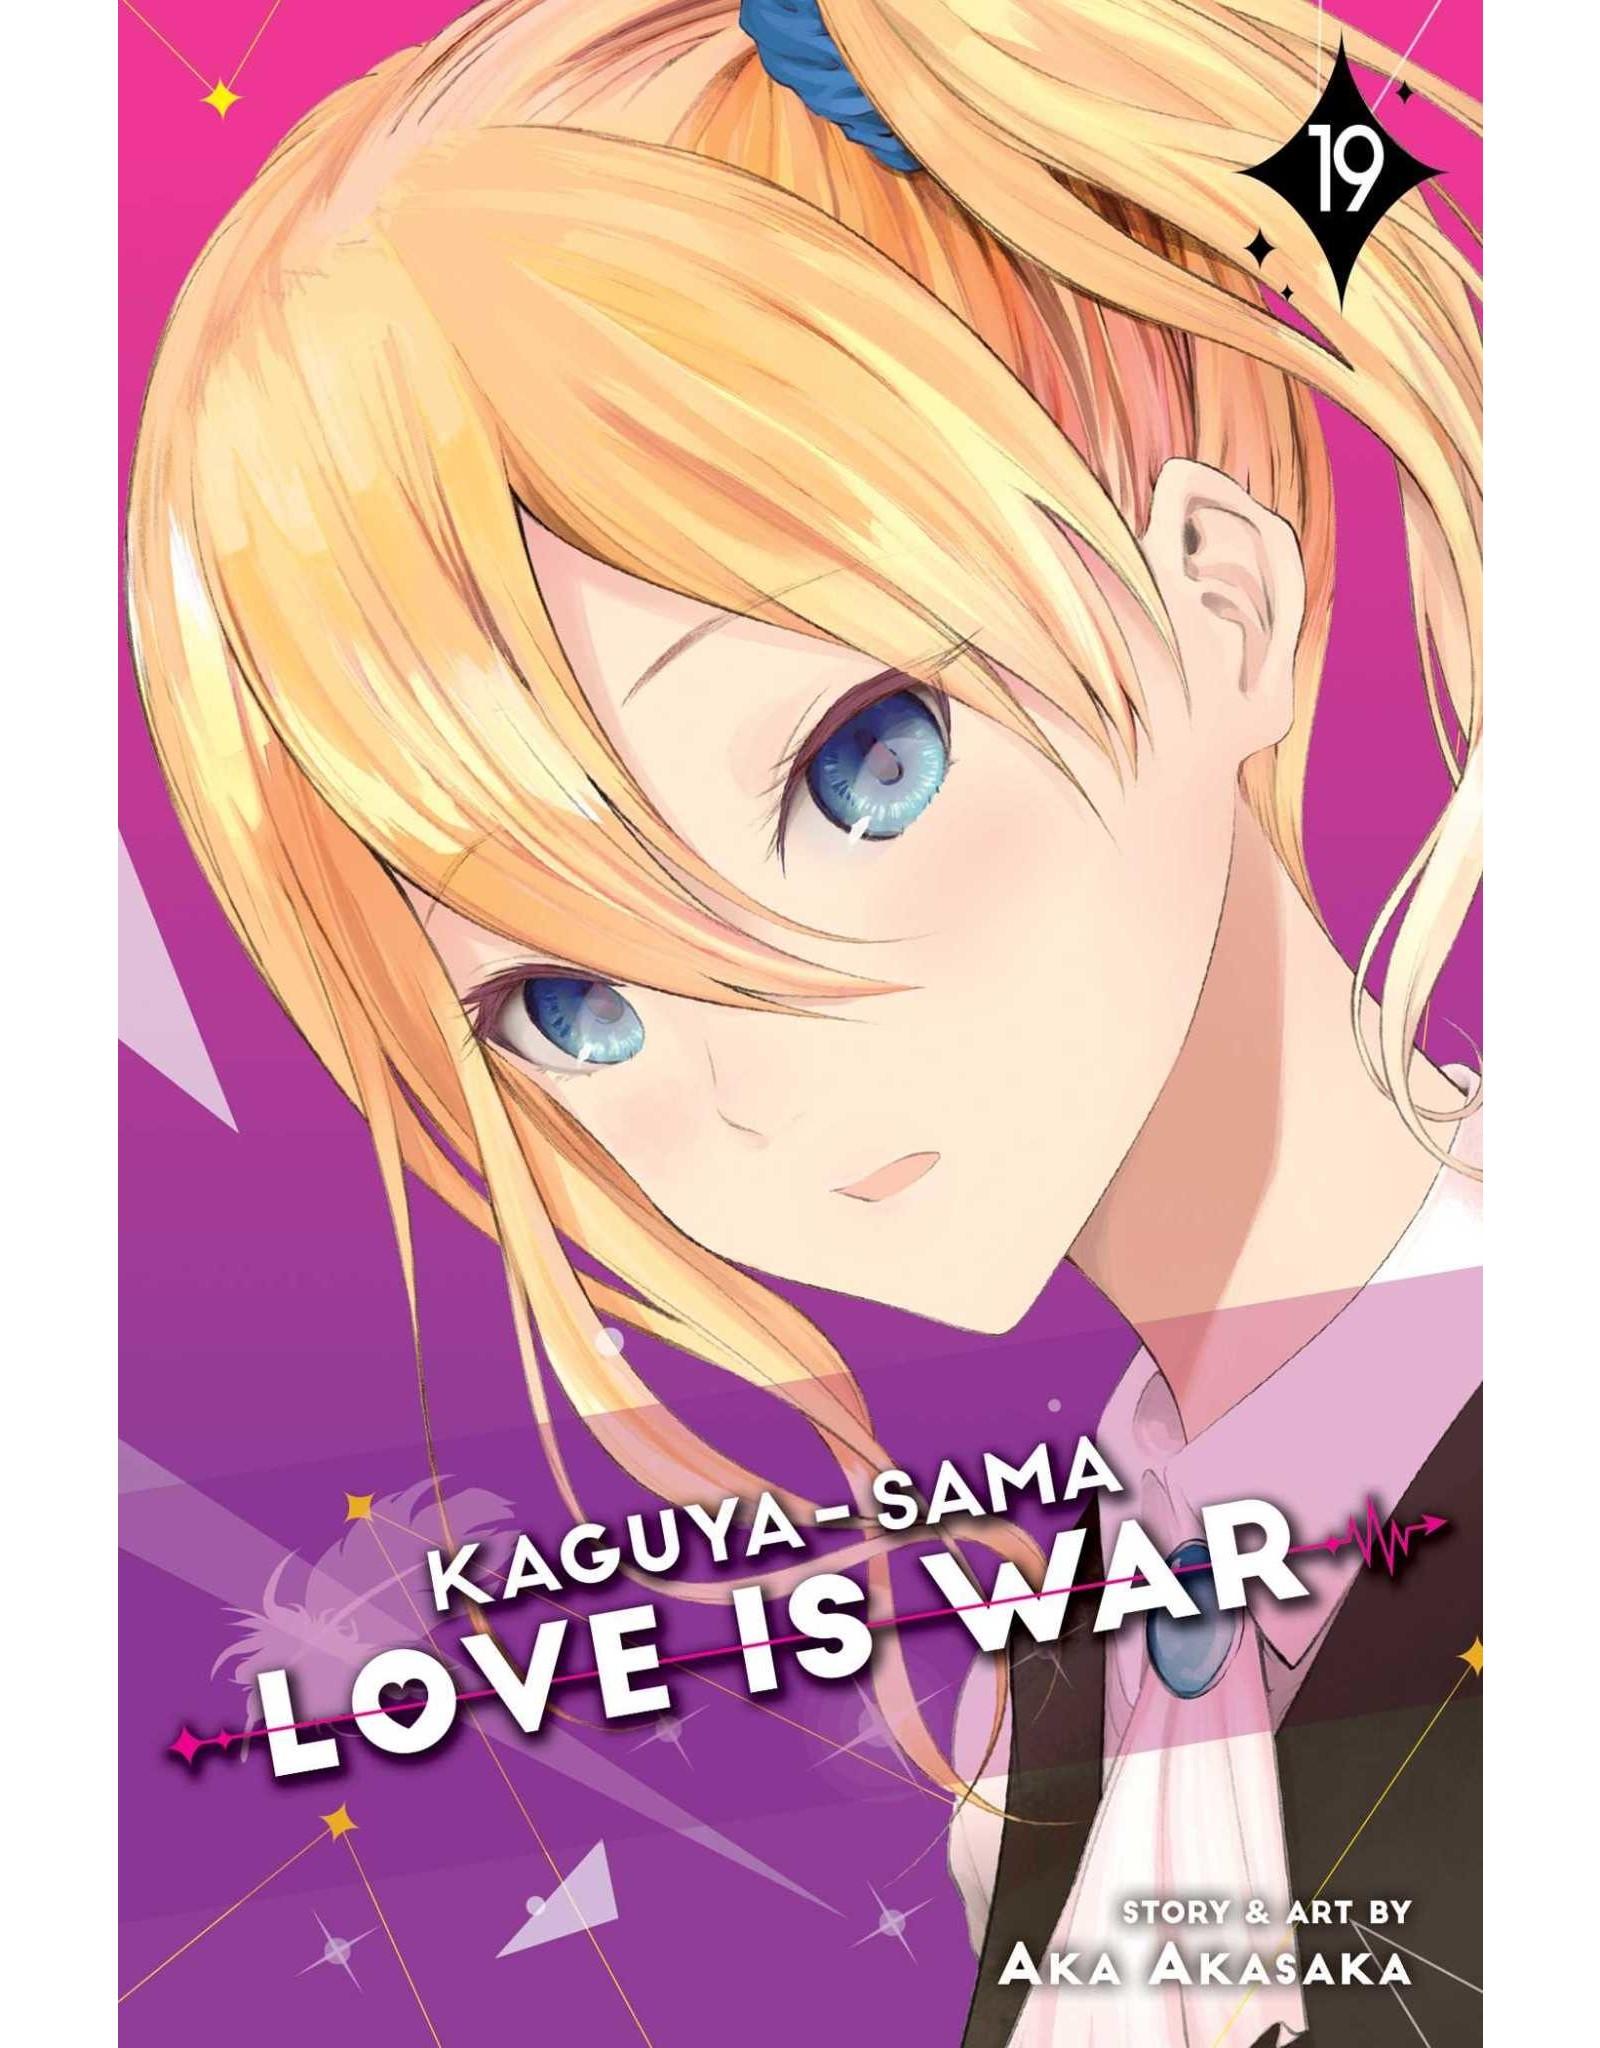 Kaguya-Sama: Love is War 19 (English) - Manga